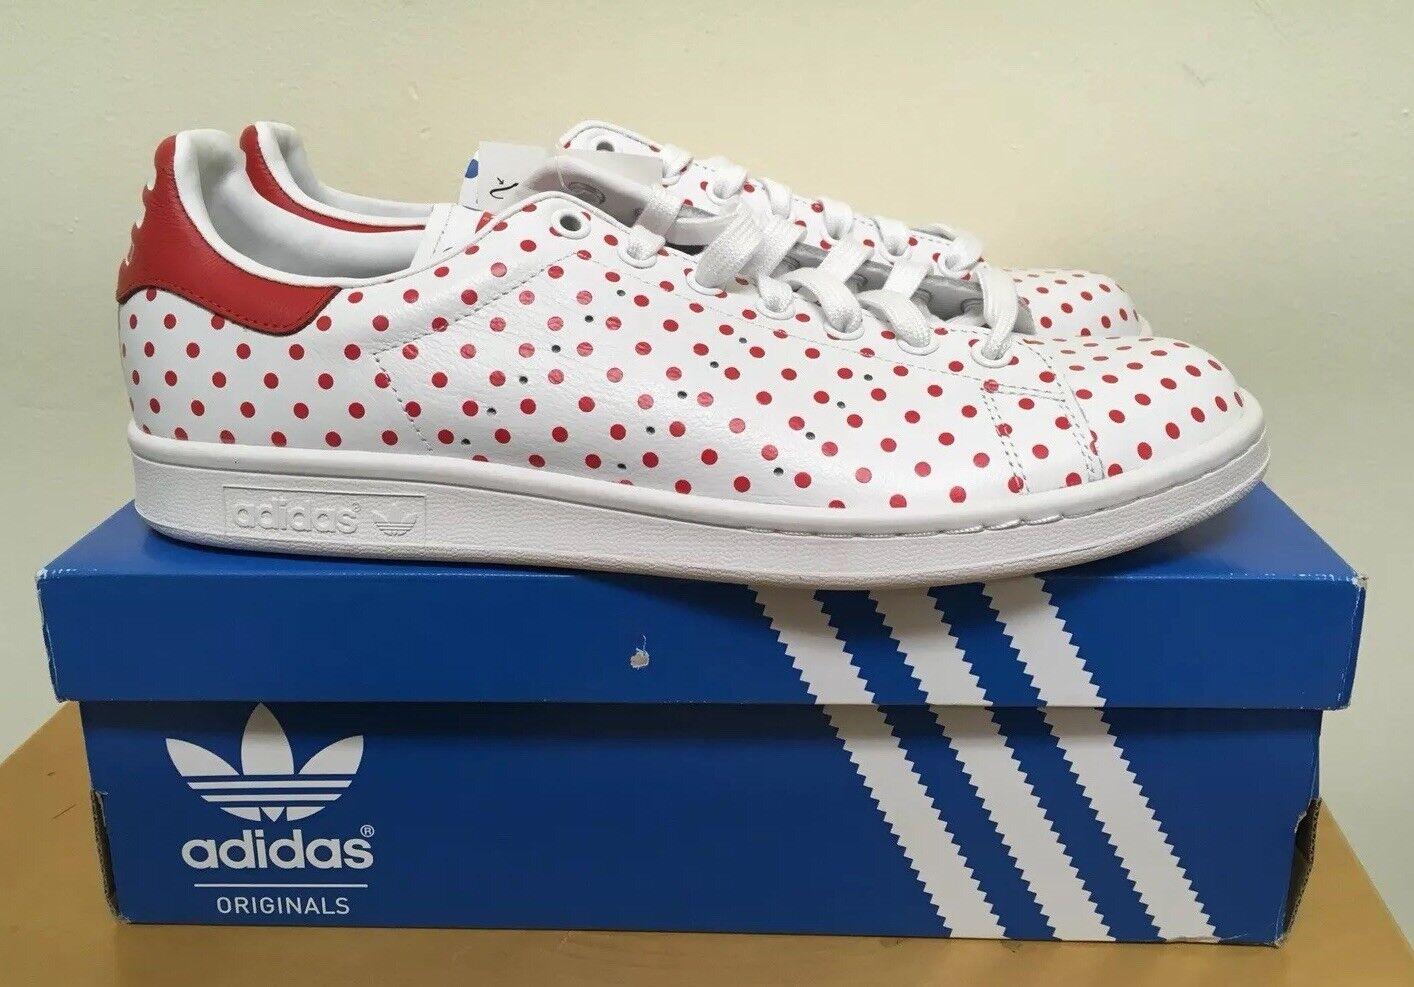 Adidas pw stan smith spd: red / bluebird pois 10,5 scarpe nuove dimensioni 10,5 pois Uomo 793190